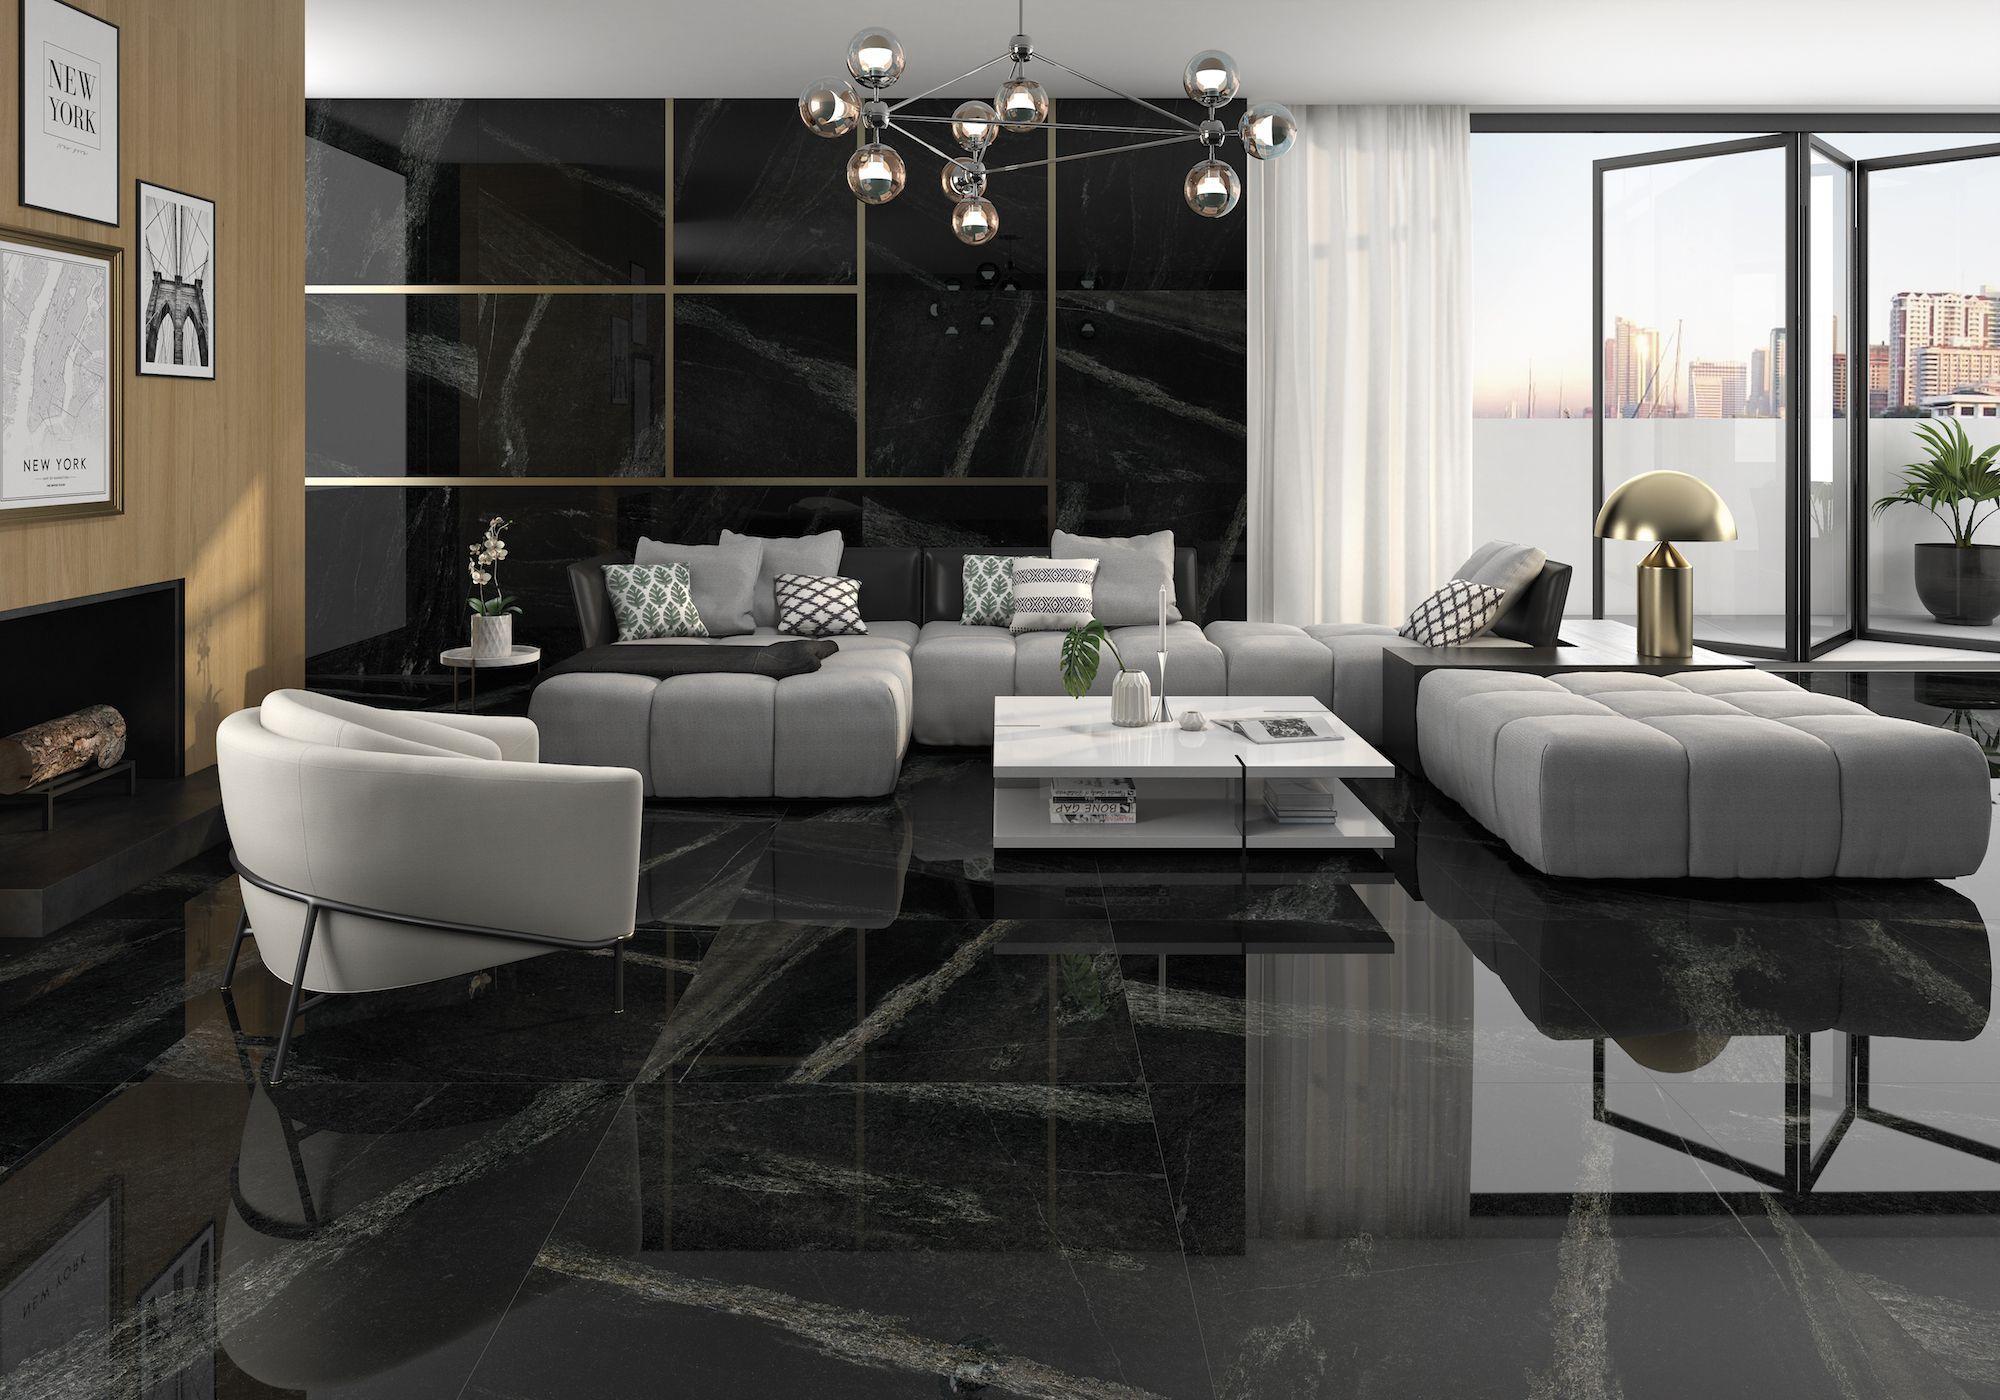 9b9abc403284fb4cbf762fa4b6173b5a | Best Italian Marble